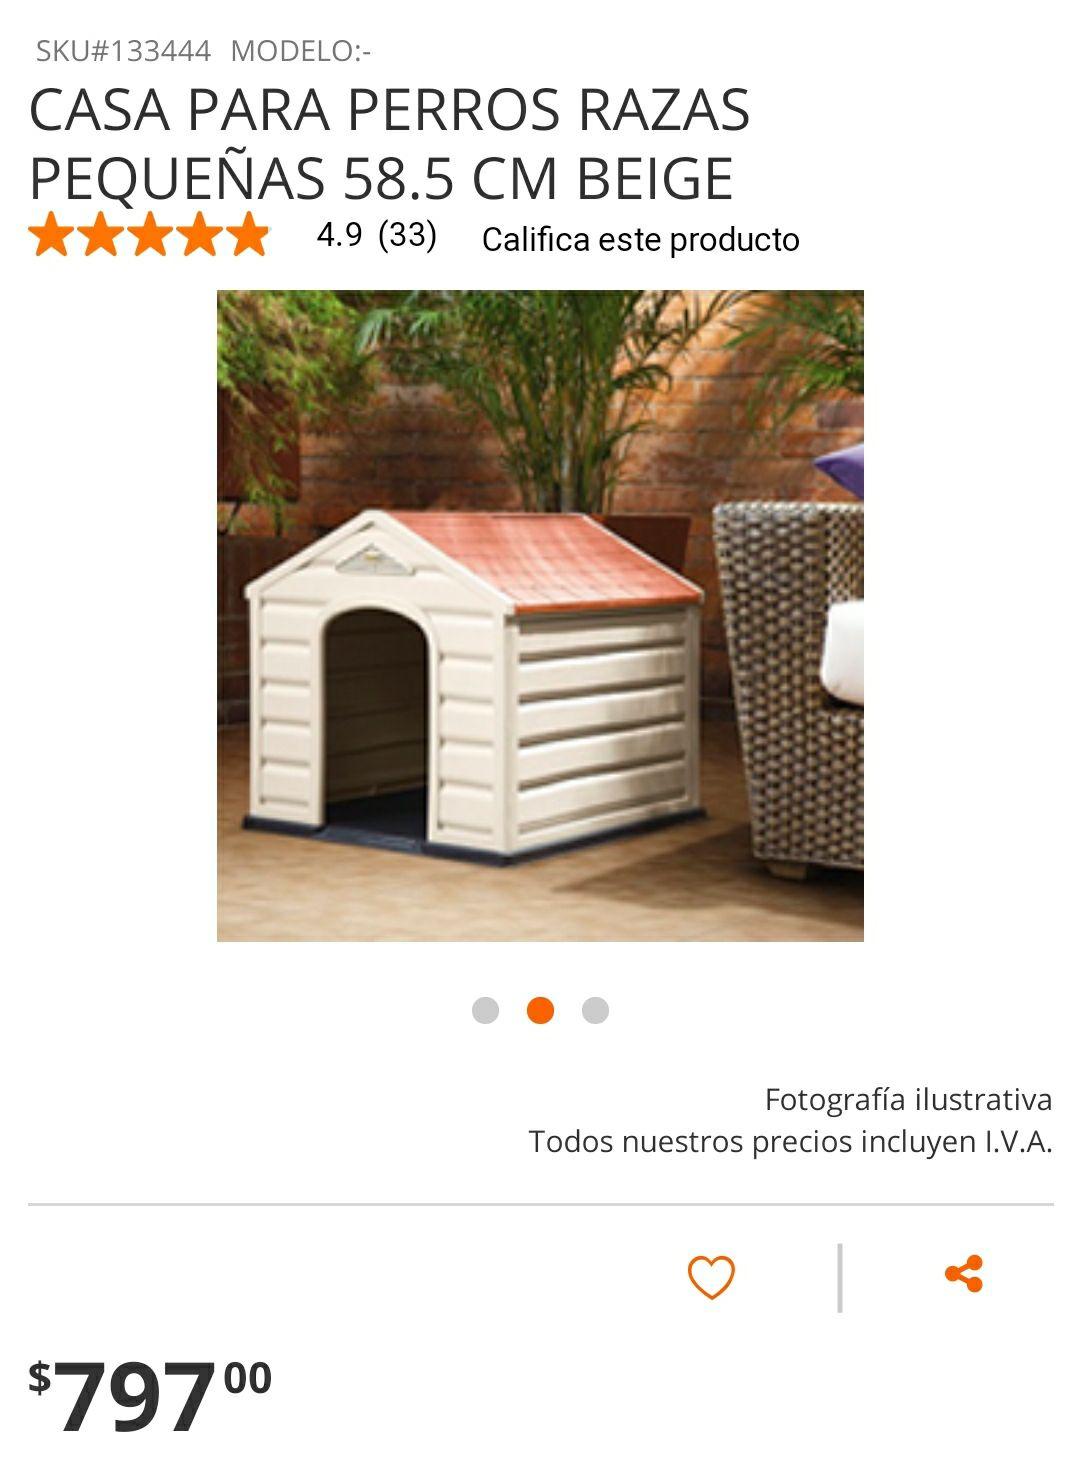 The home depot: casa para perro chica